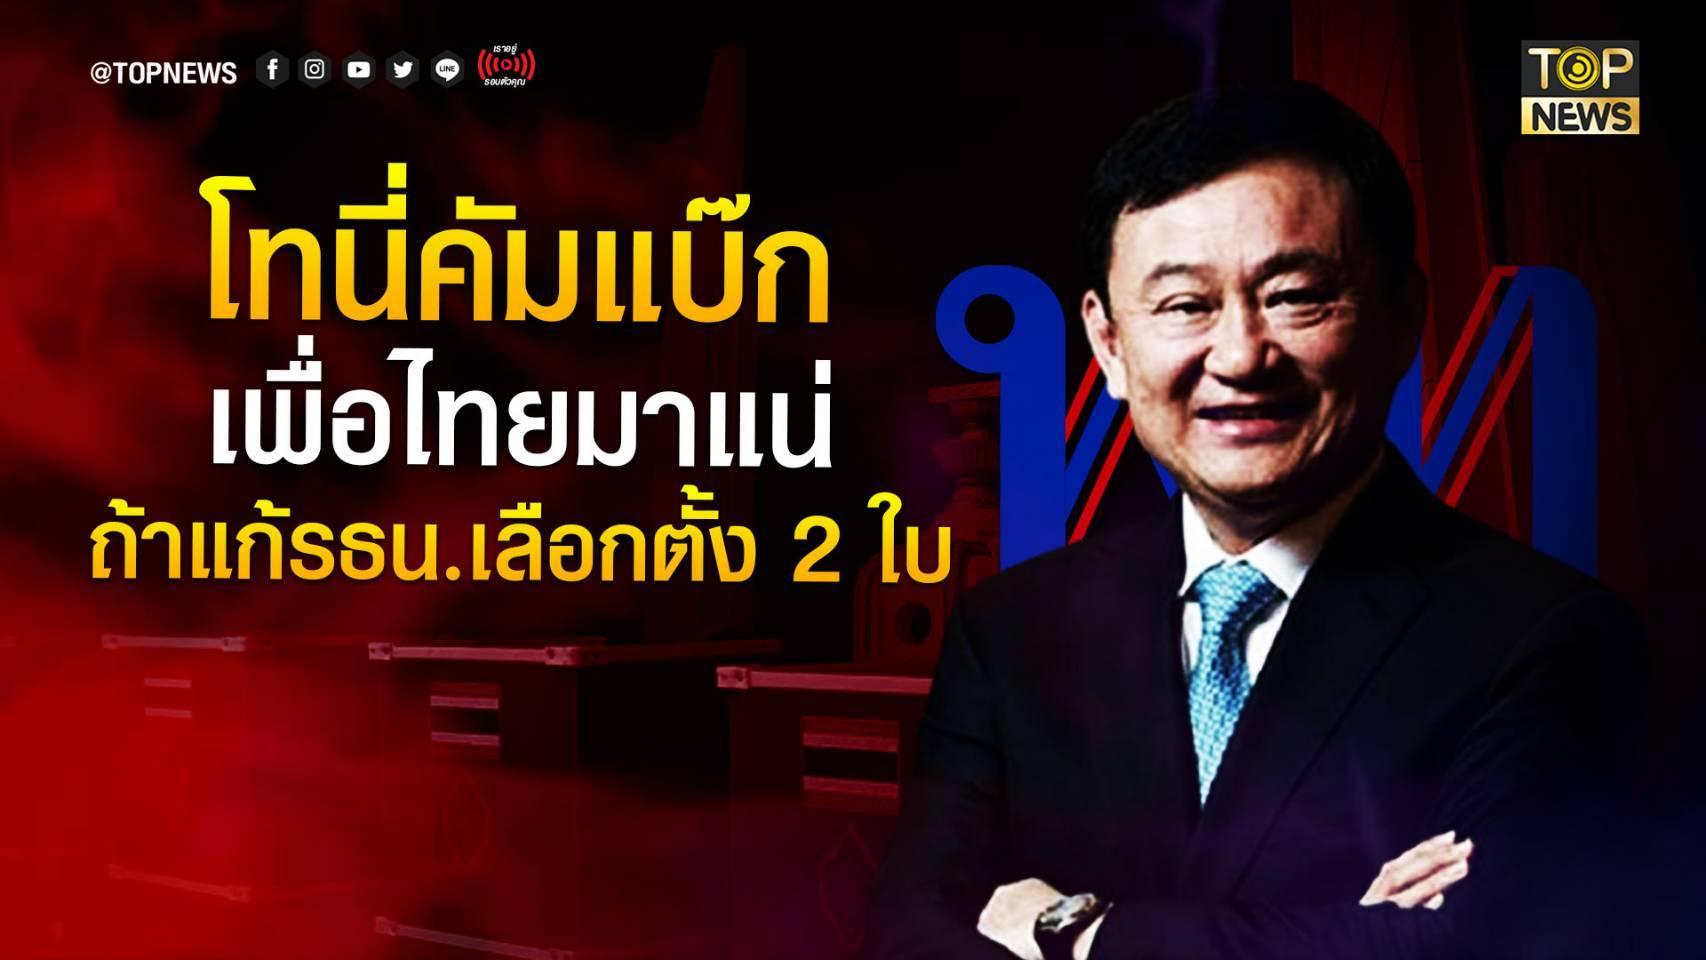 โทนี่คัมแบ็ค เพื่อไทยมาแน่  ถ้าแก้รธน.เลือกตั้ง 2 ใบ ตามใจนักการเมืองระวังบ้านเมืองฉิบหาย